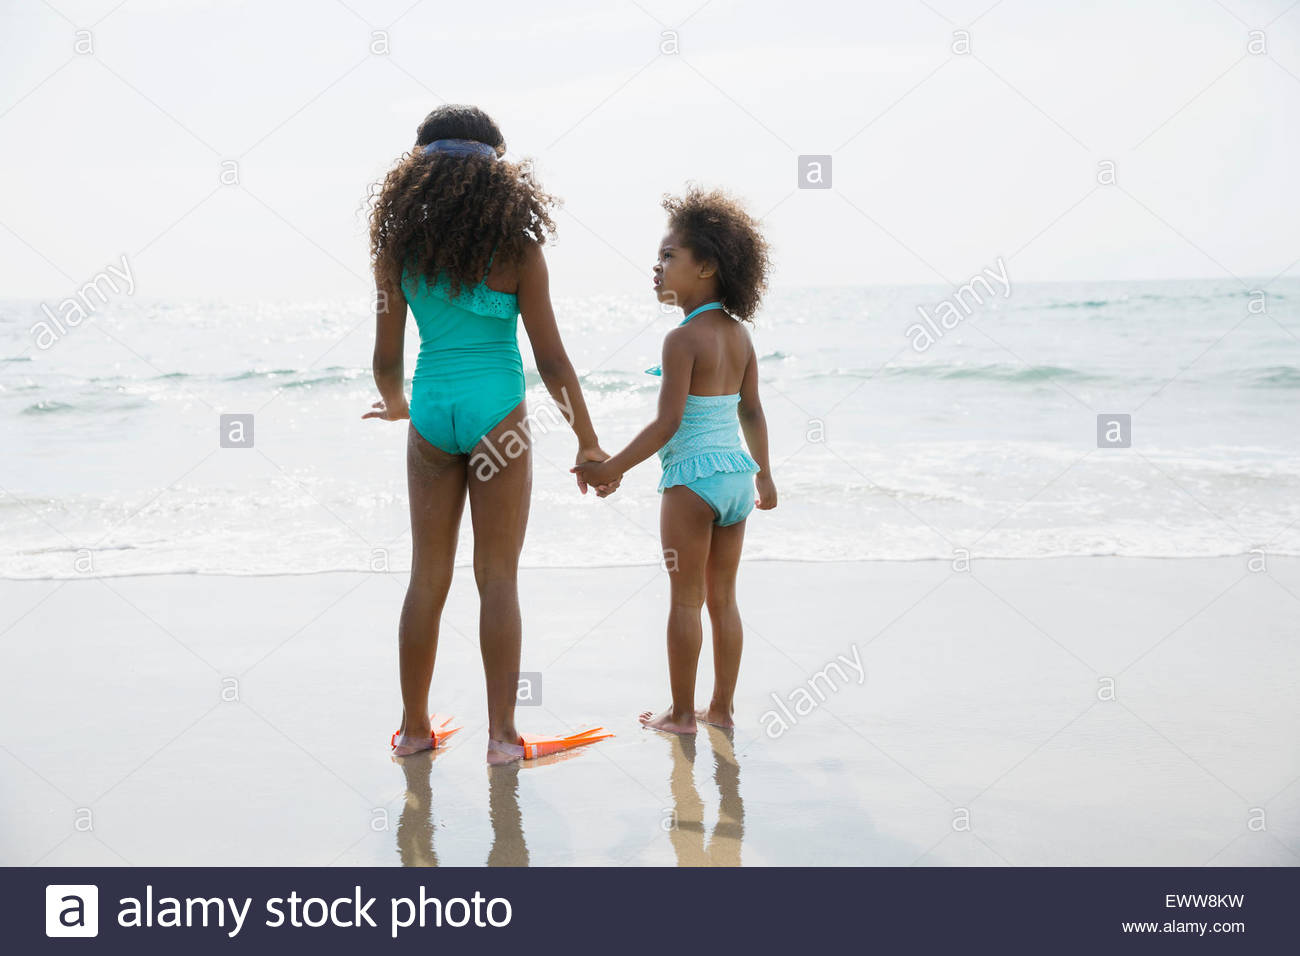 Schwestern in Badeanzügen, die Hand in Hand am Strand Stockbild